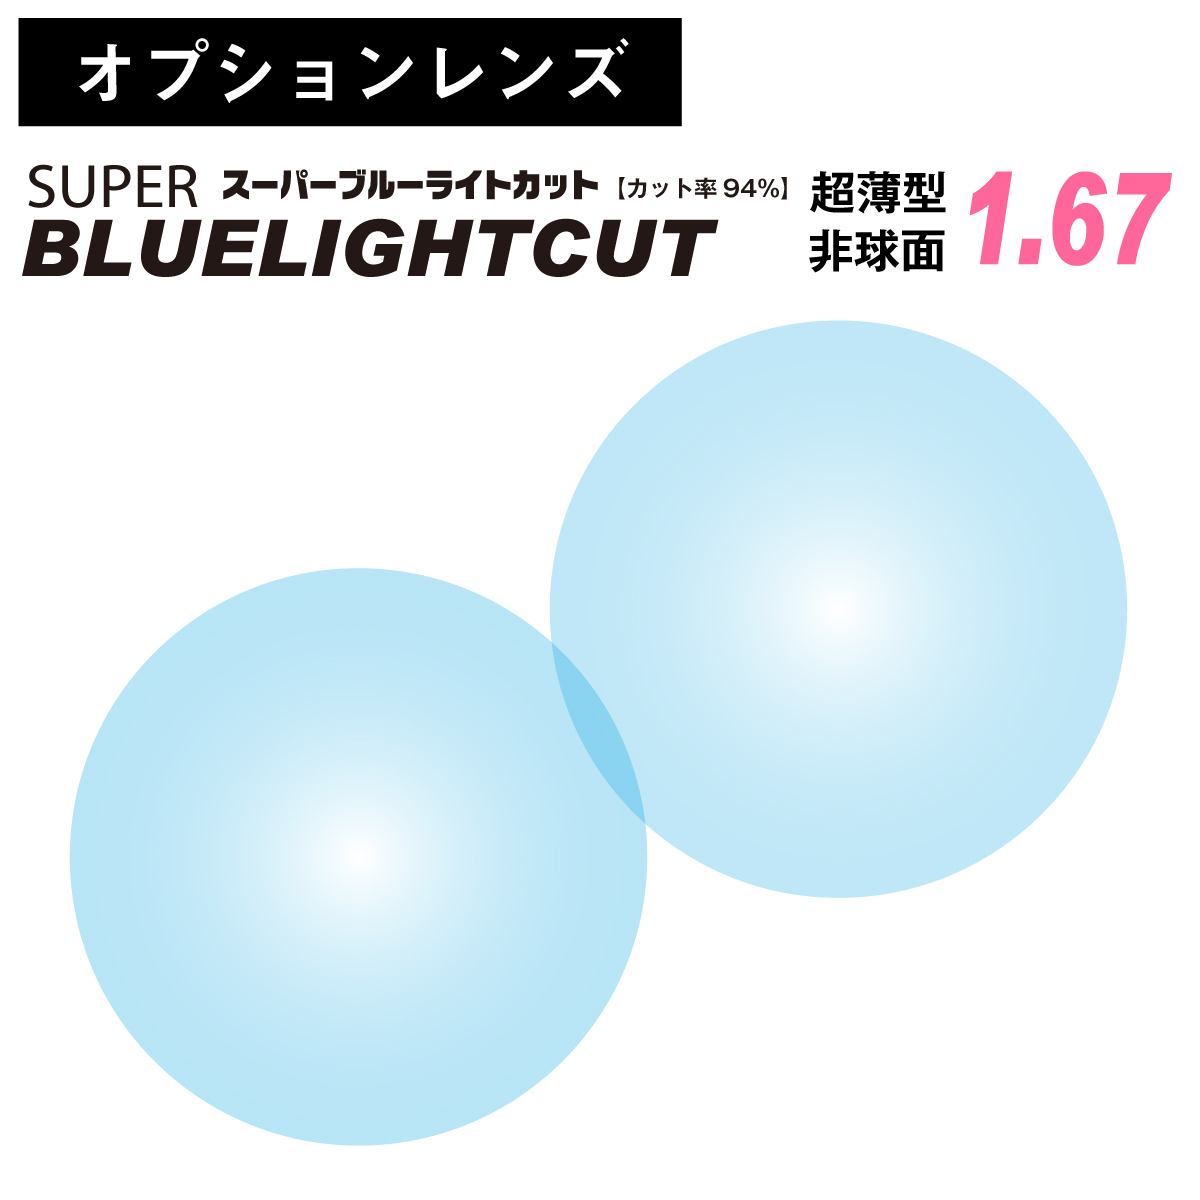 ブルーライト 青色光 カット ☆最安値に挑戦 94% 紫外線カット UVカット 日本製近視 遠視 乱視 老眼 超薄型非球面レンズ 屈折率1.67 スマホ 日本製 PC オプションレンズ 2枚1組 パソコン 豊富な品 94% スーパーブルーライトカット